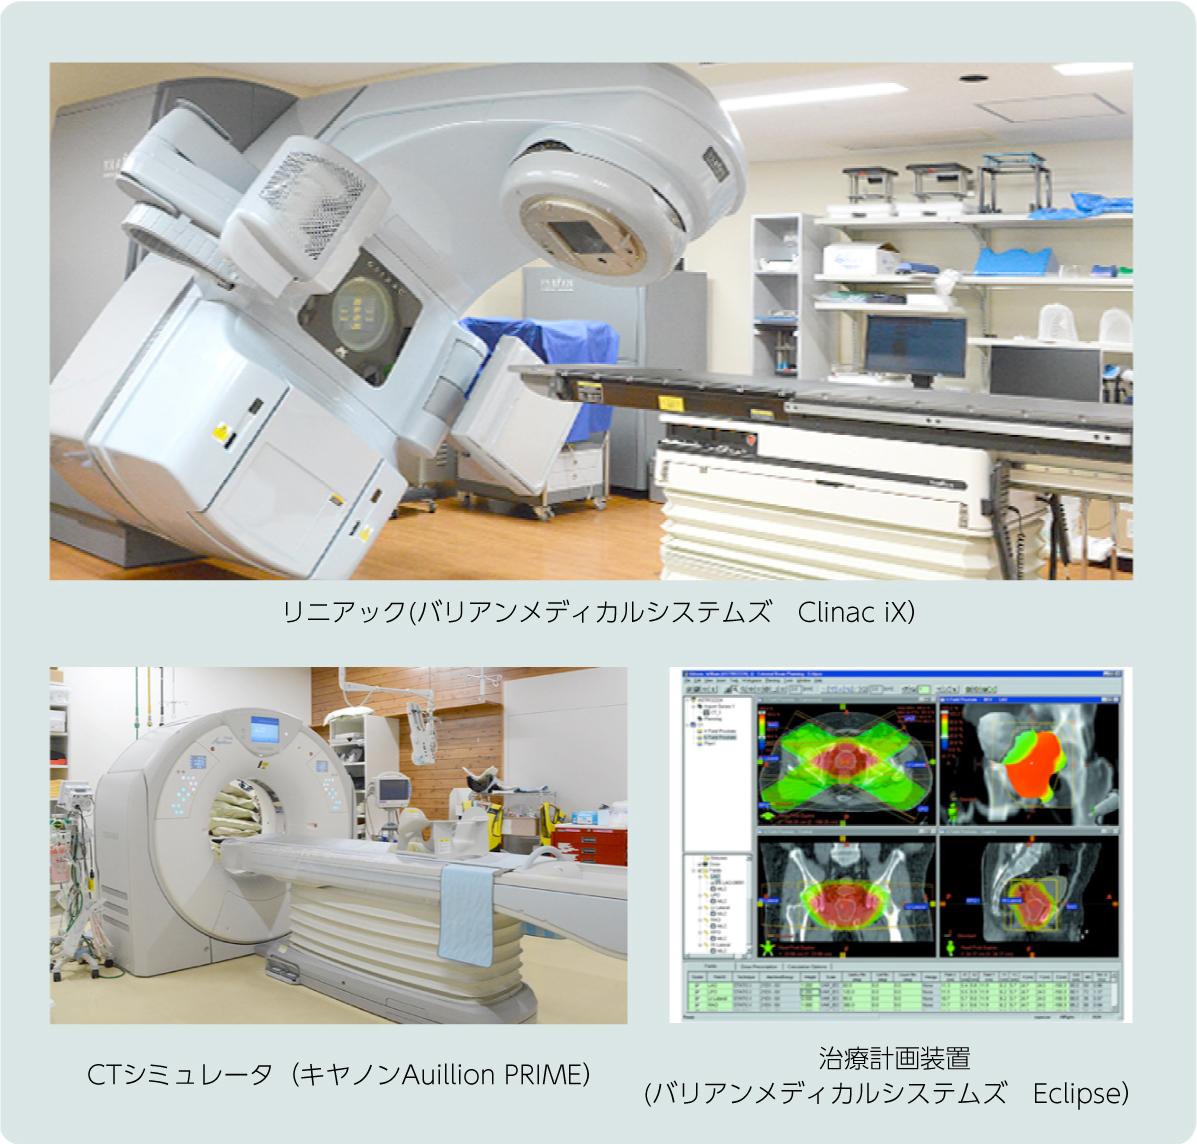 放射線治療装置リニアック